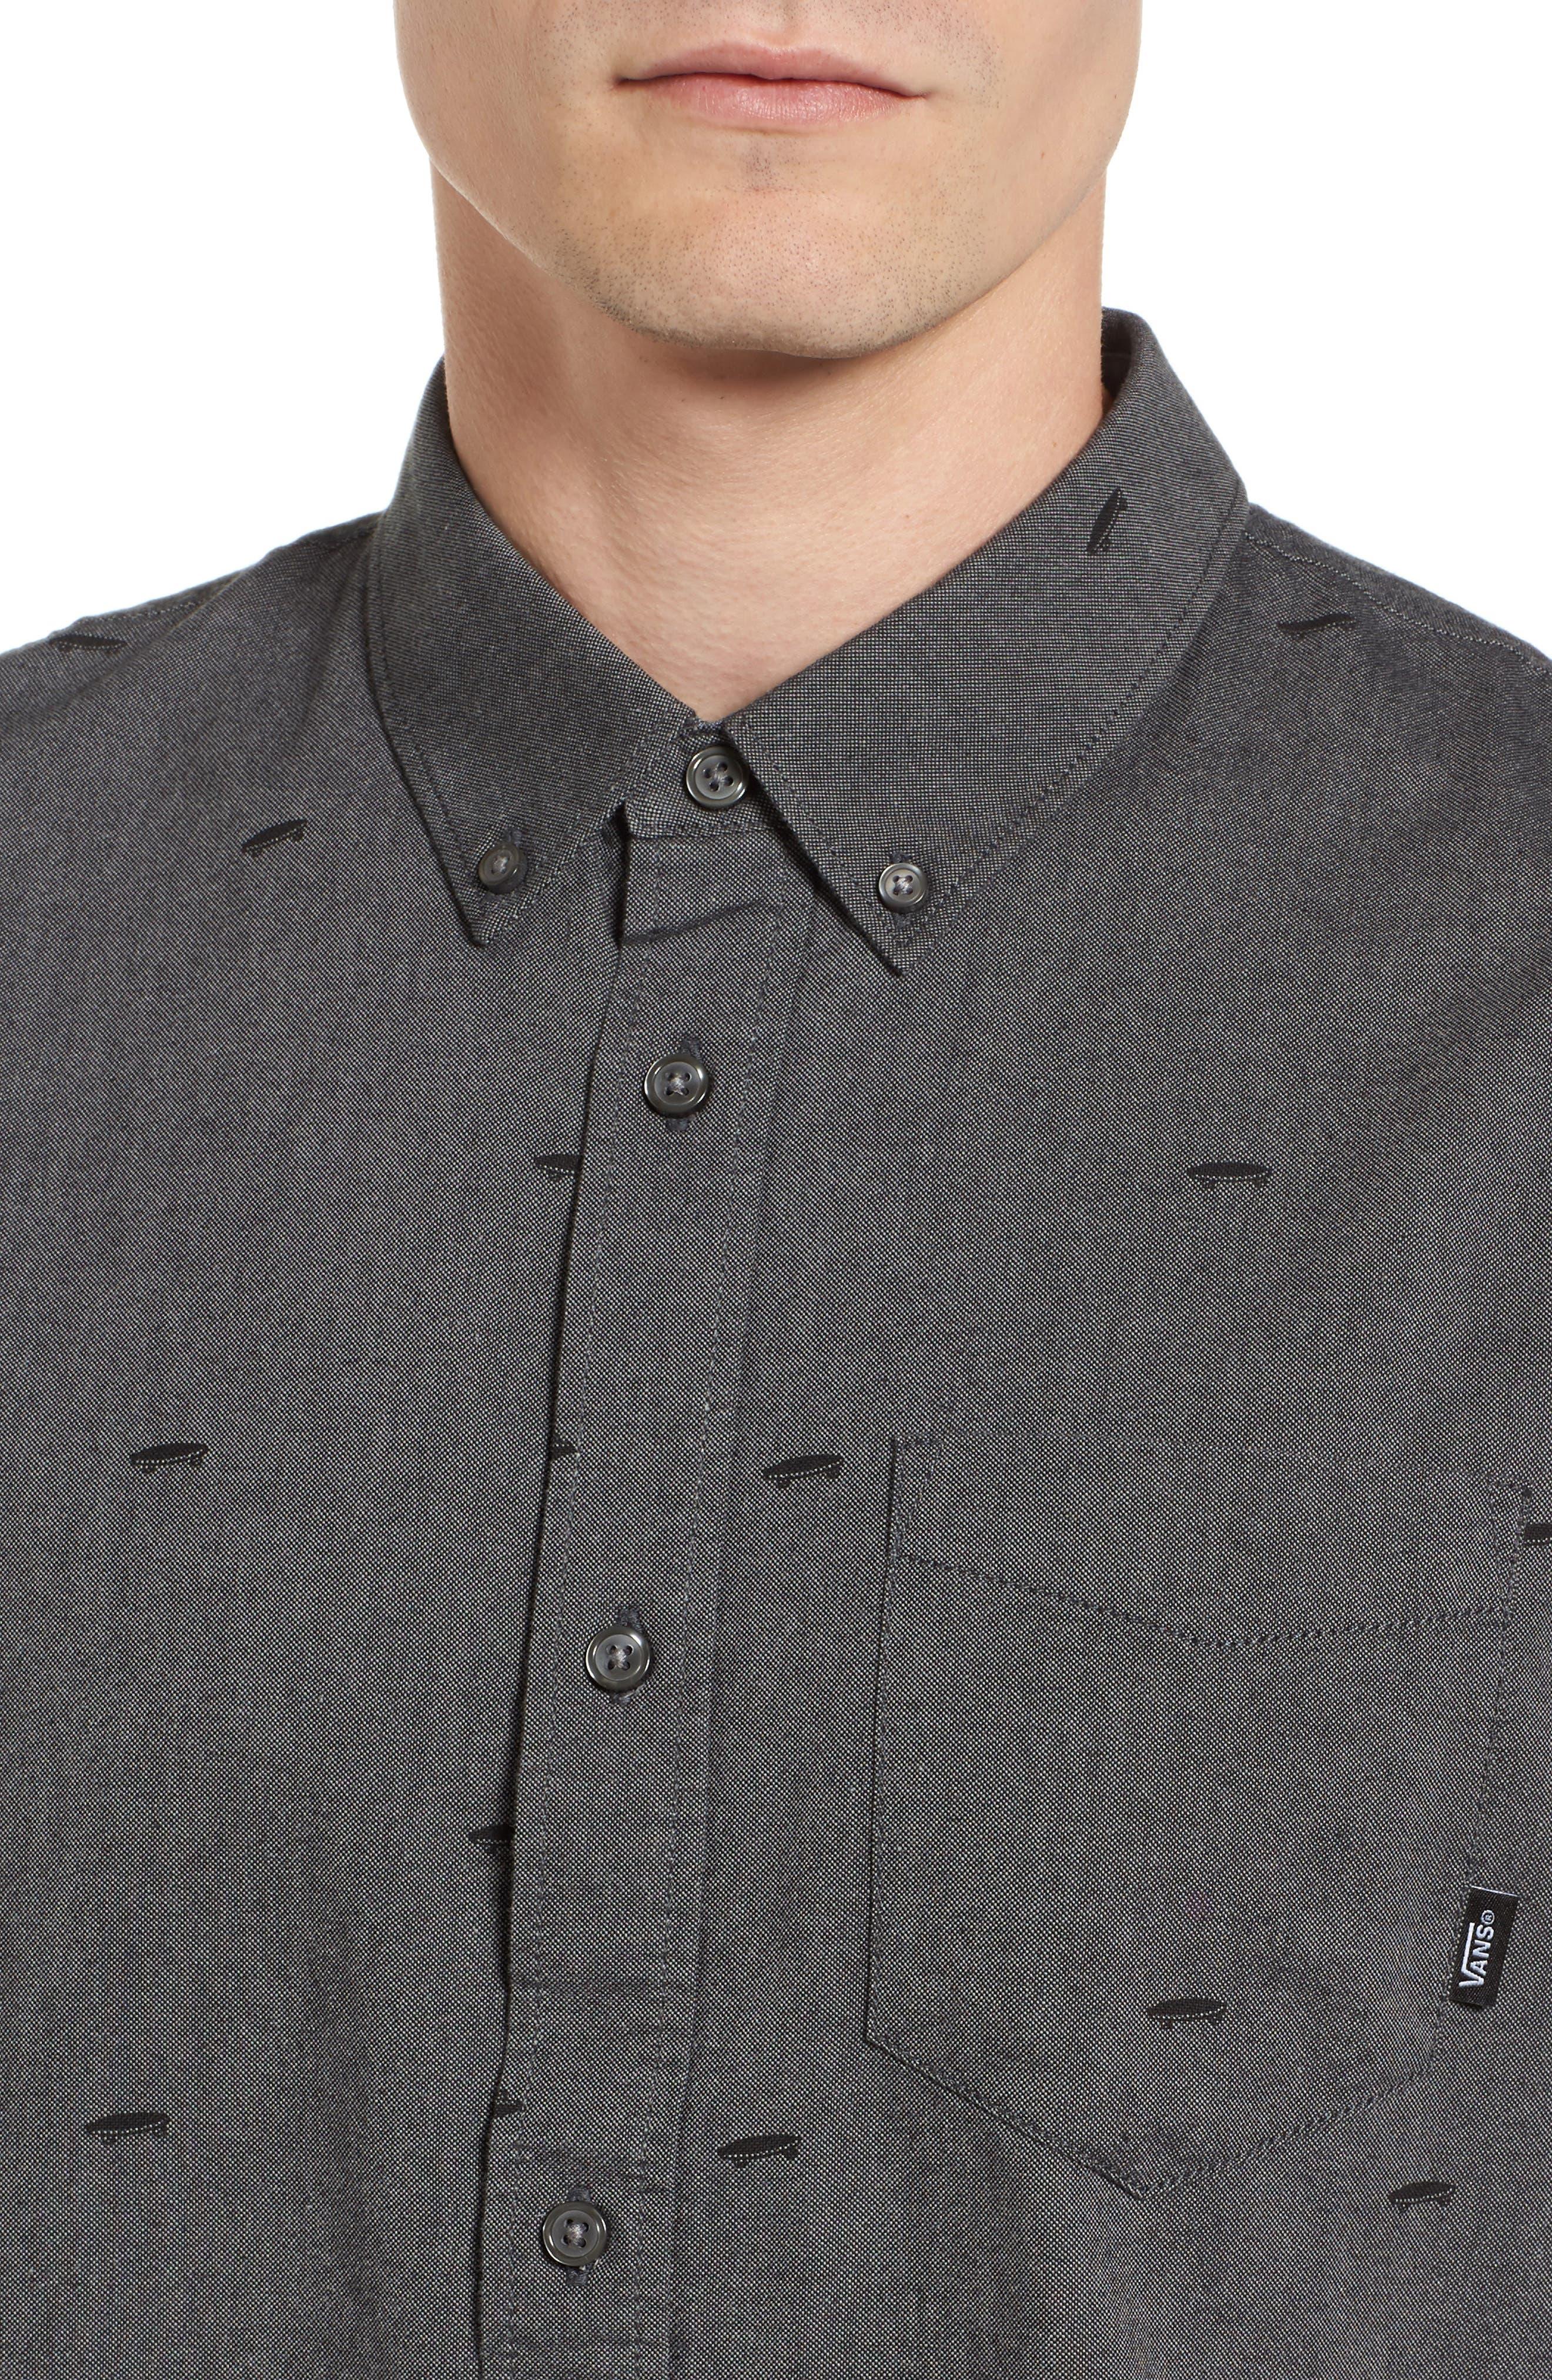 Houser Woven Shirt,                             Alternate thumbnail 4, color,                             001